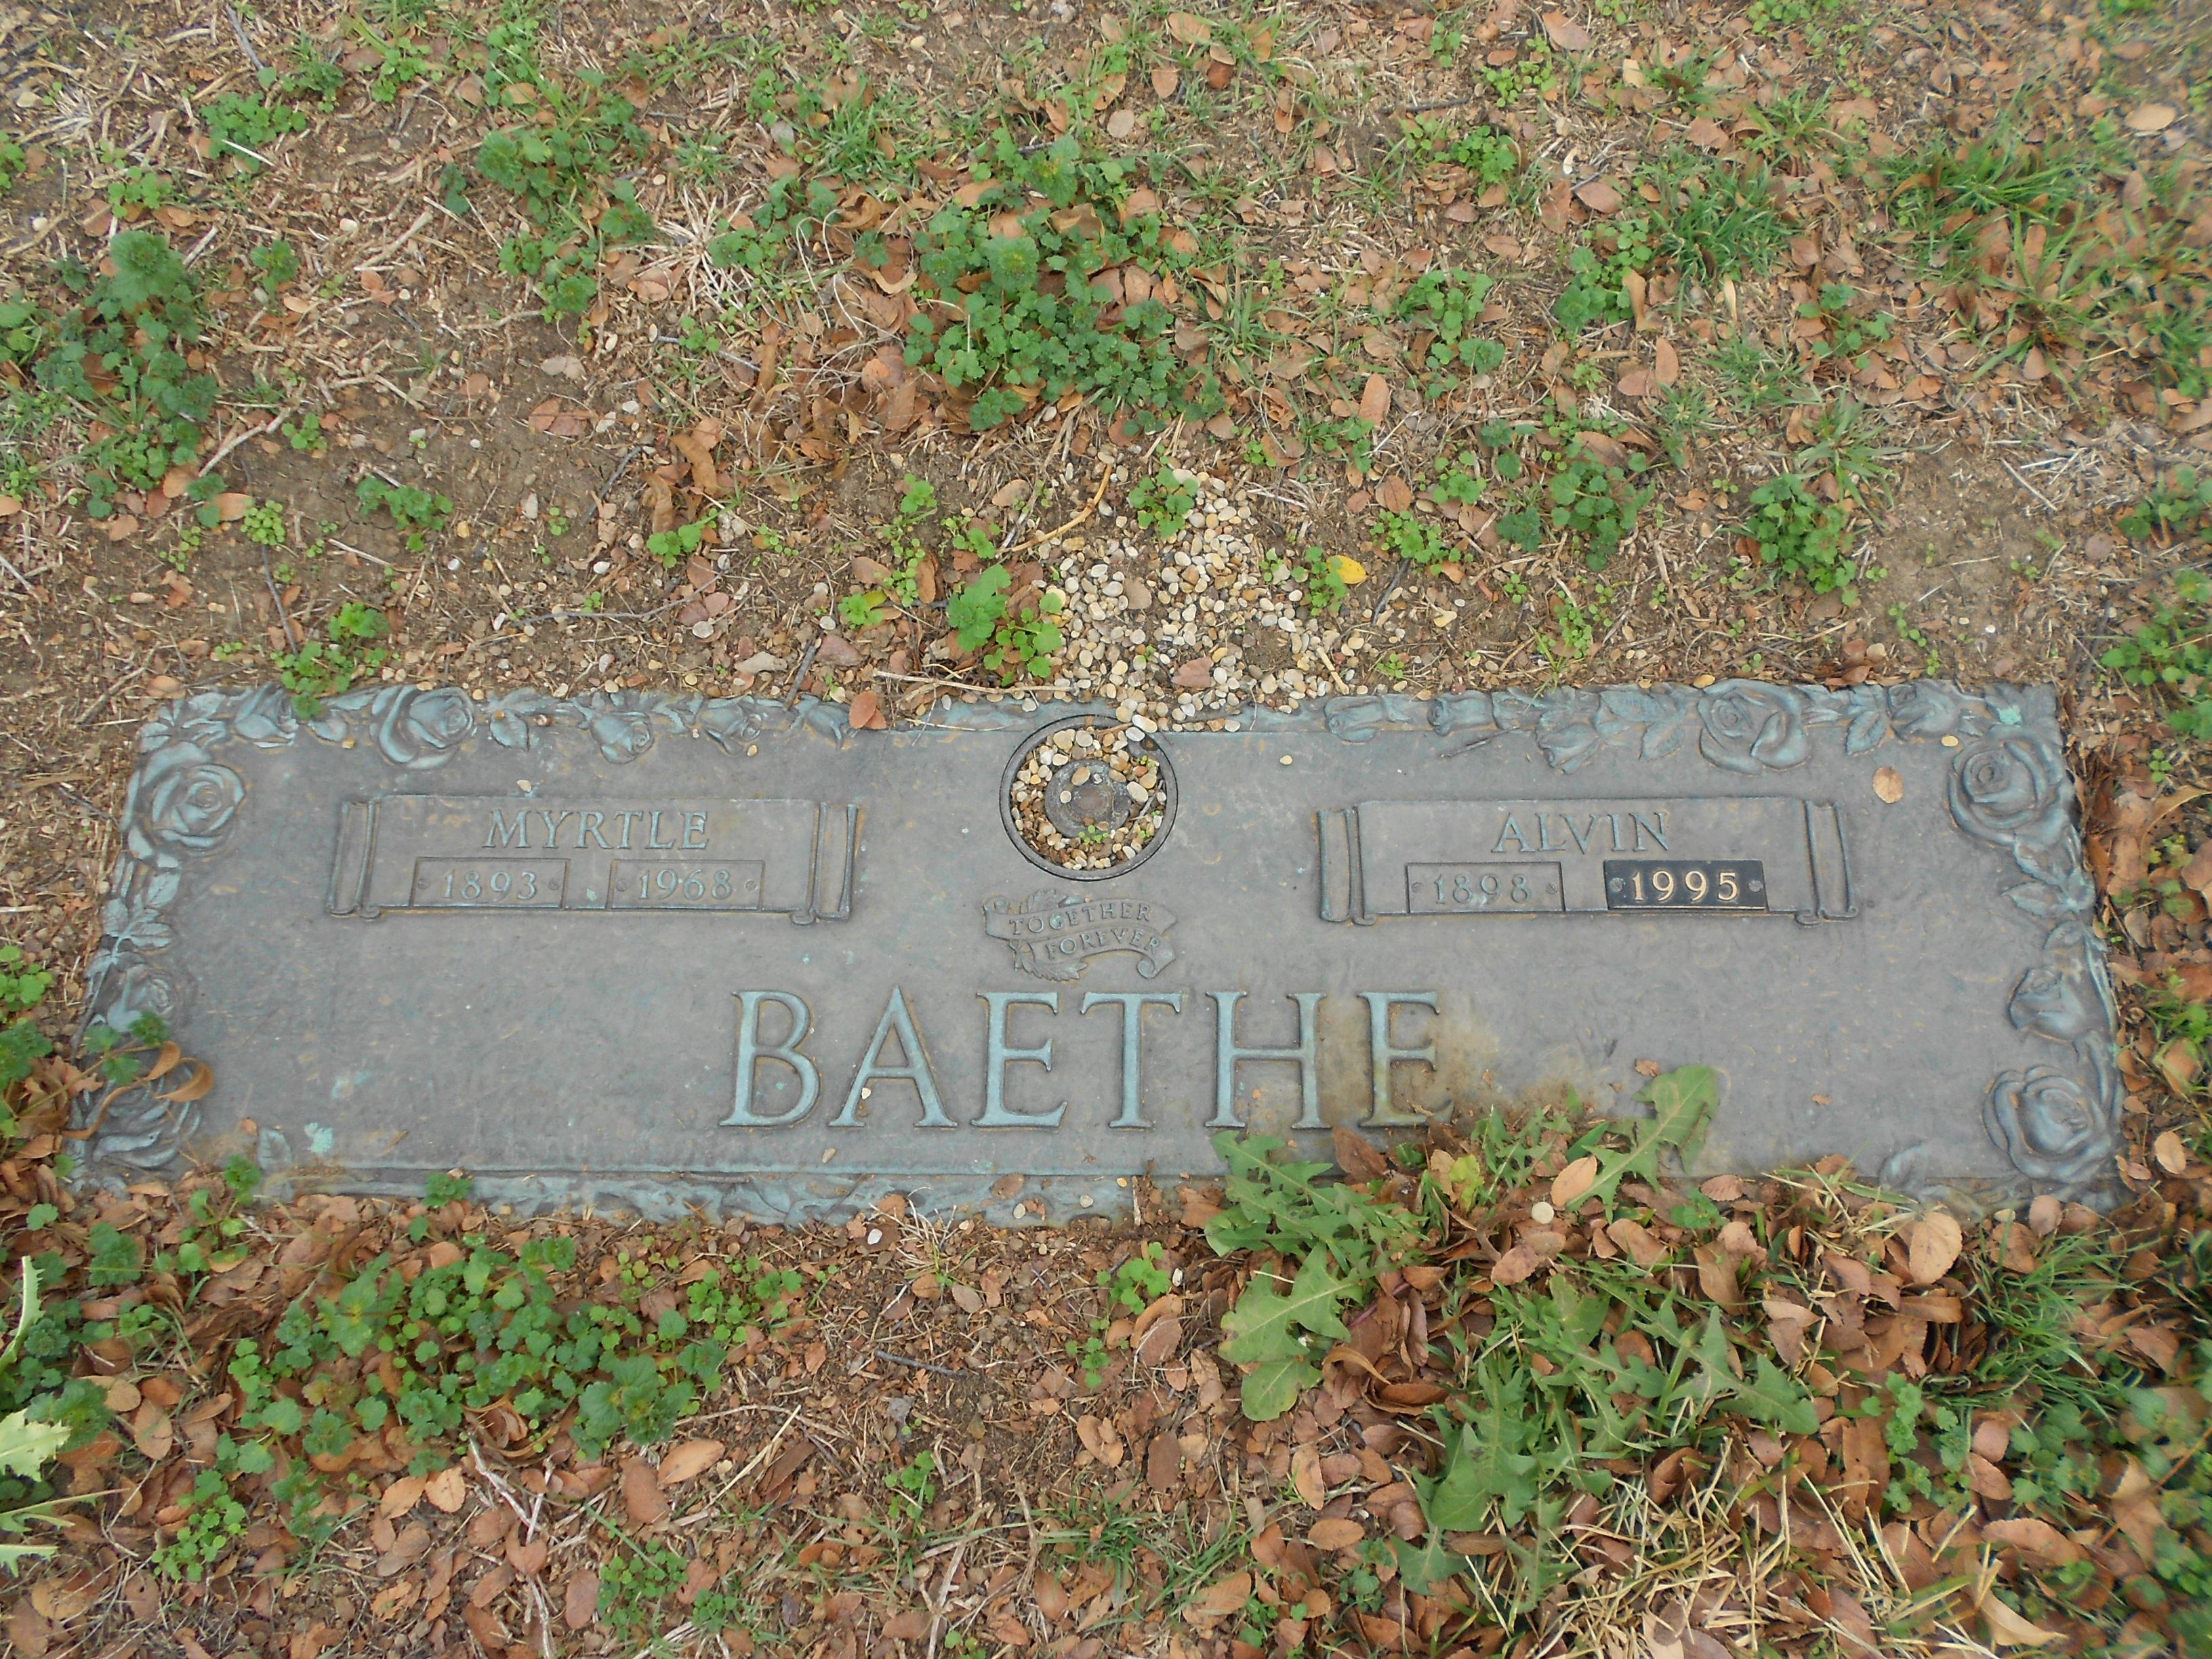 Alvin John Baethe